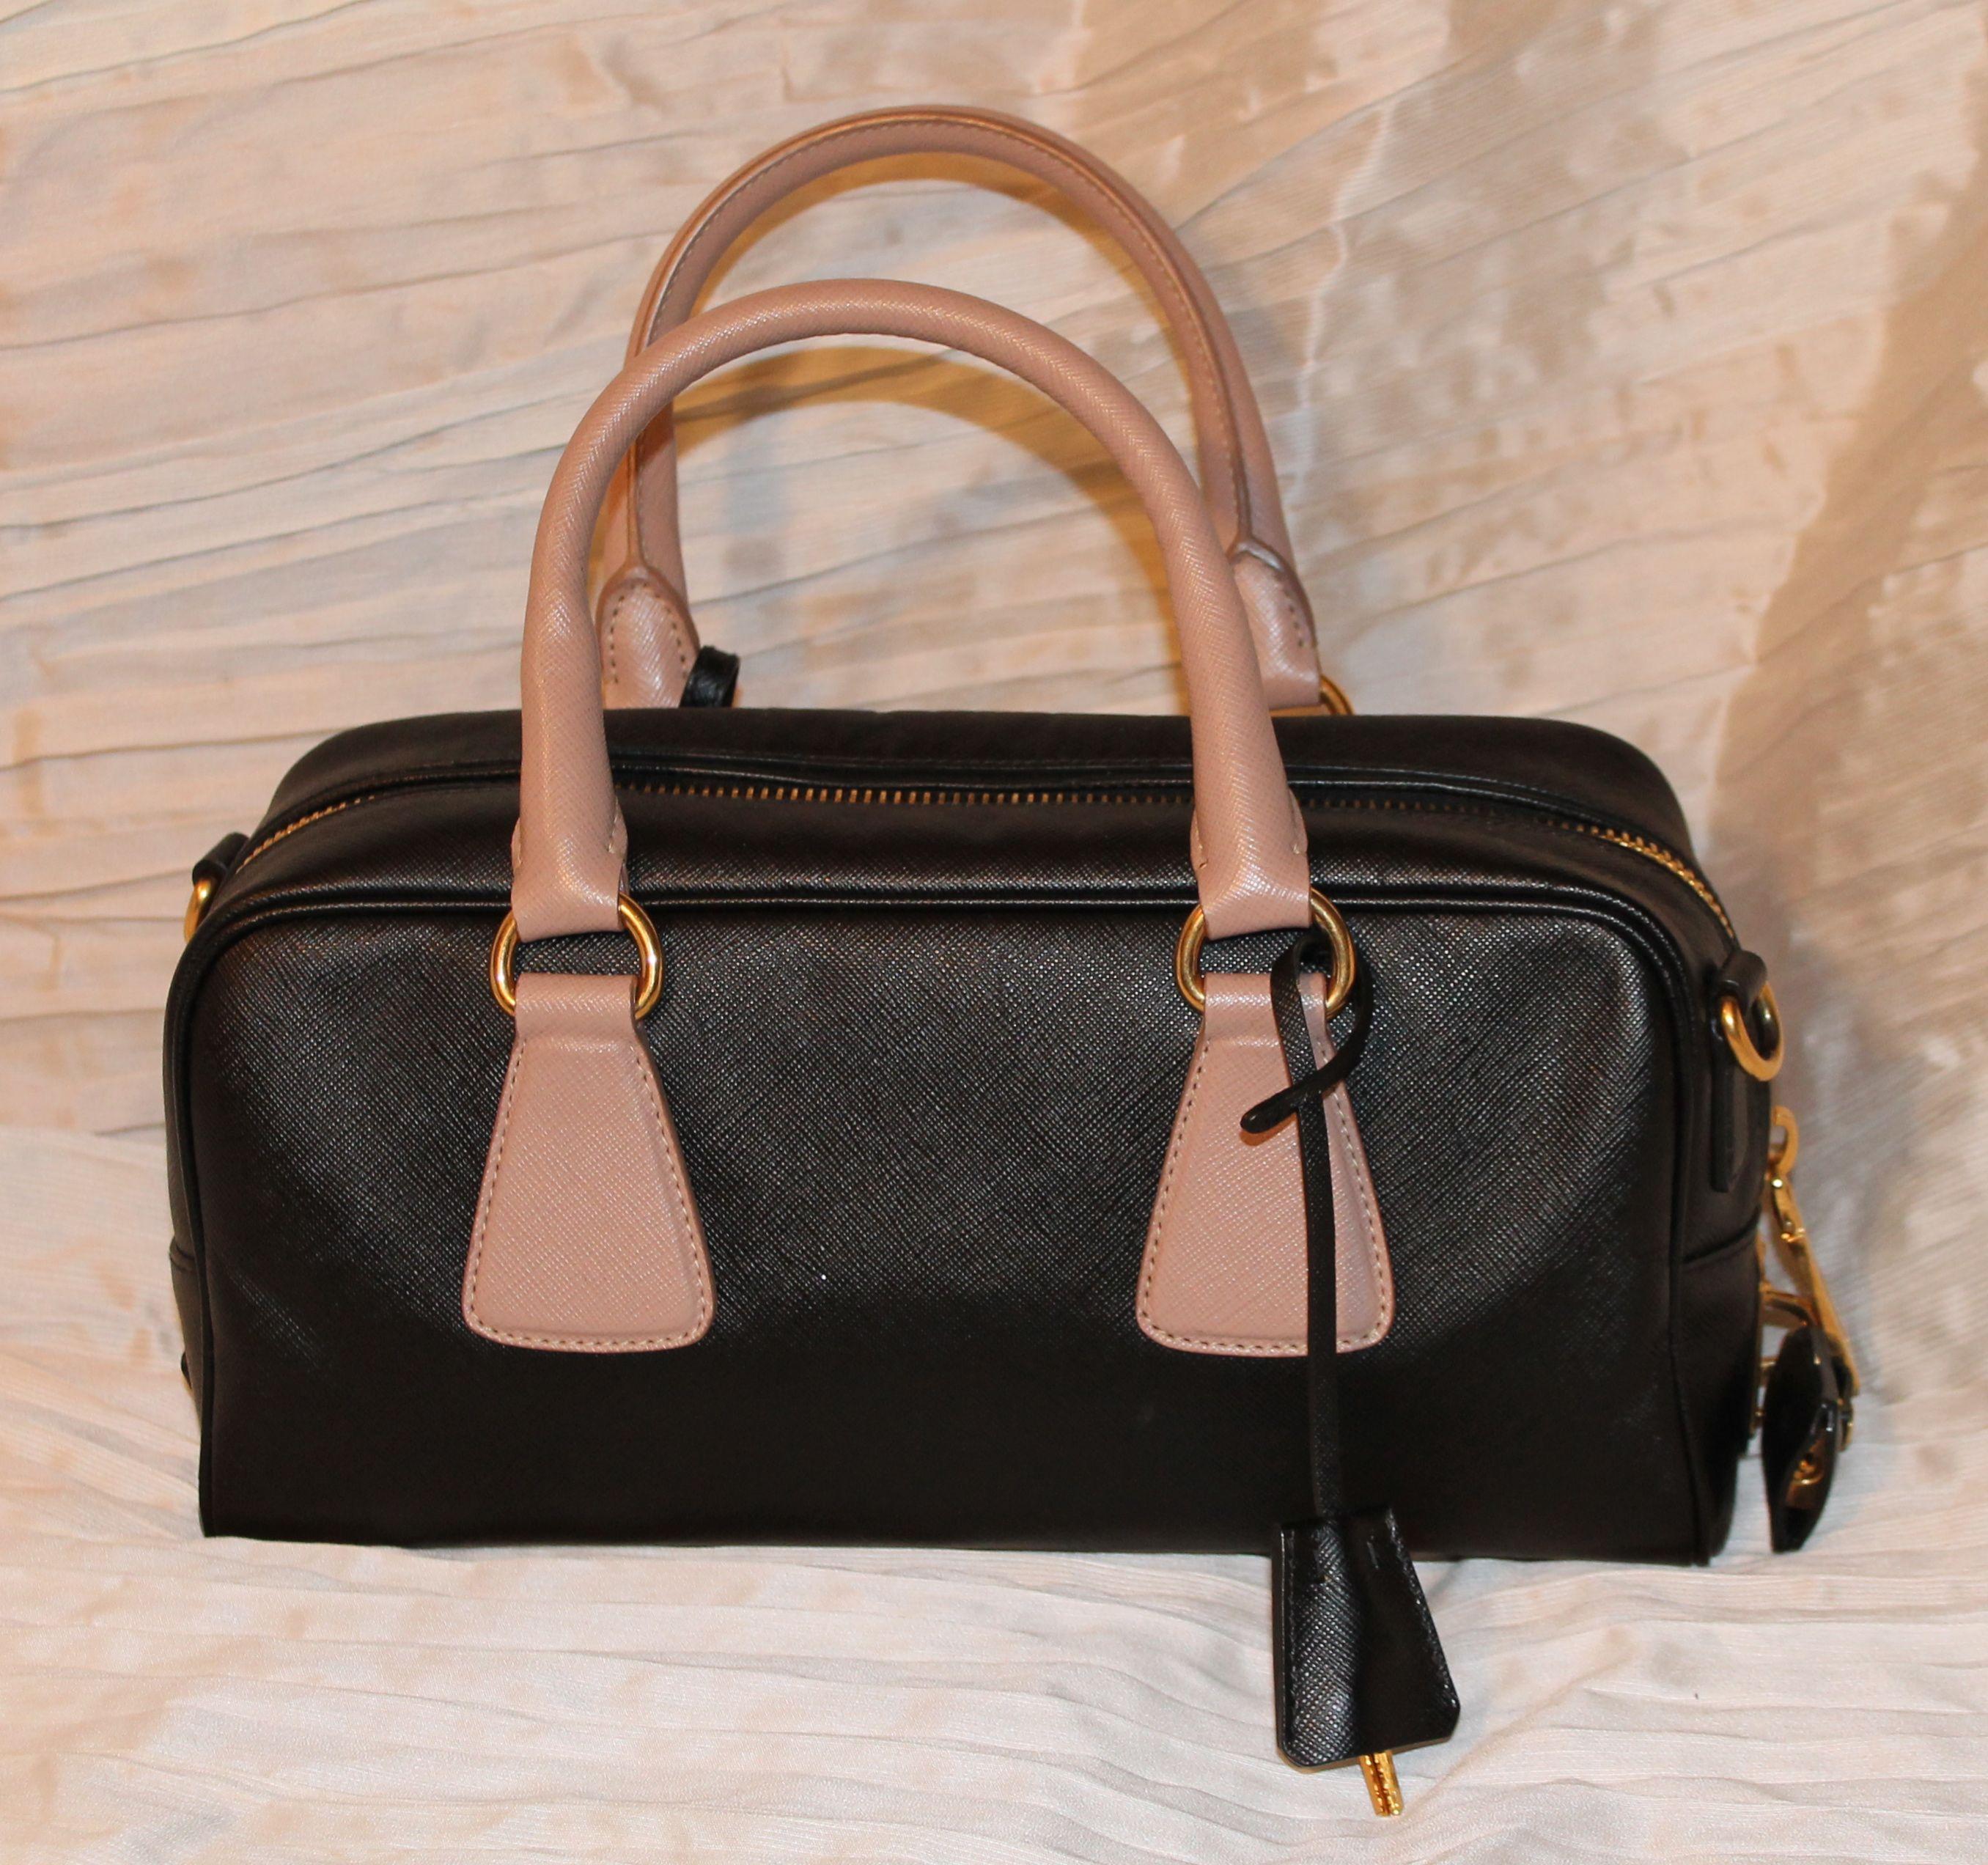 91b2007080 Piccola bowling bag PRADA in saffiano nero con doppio manico cipria,  accessori oro, lucchetto e tracolla. Condizioni perfette.